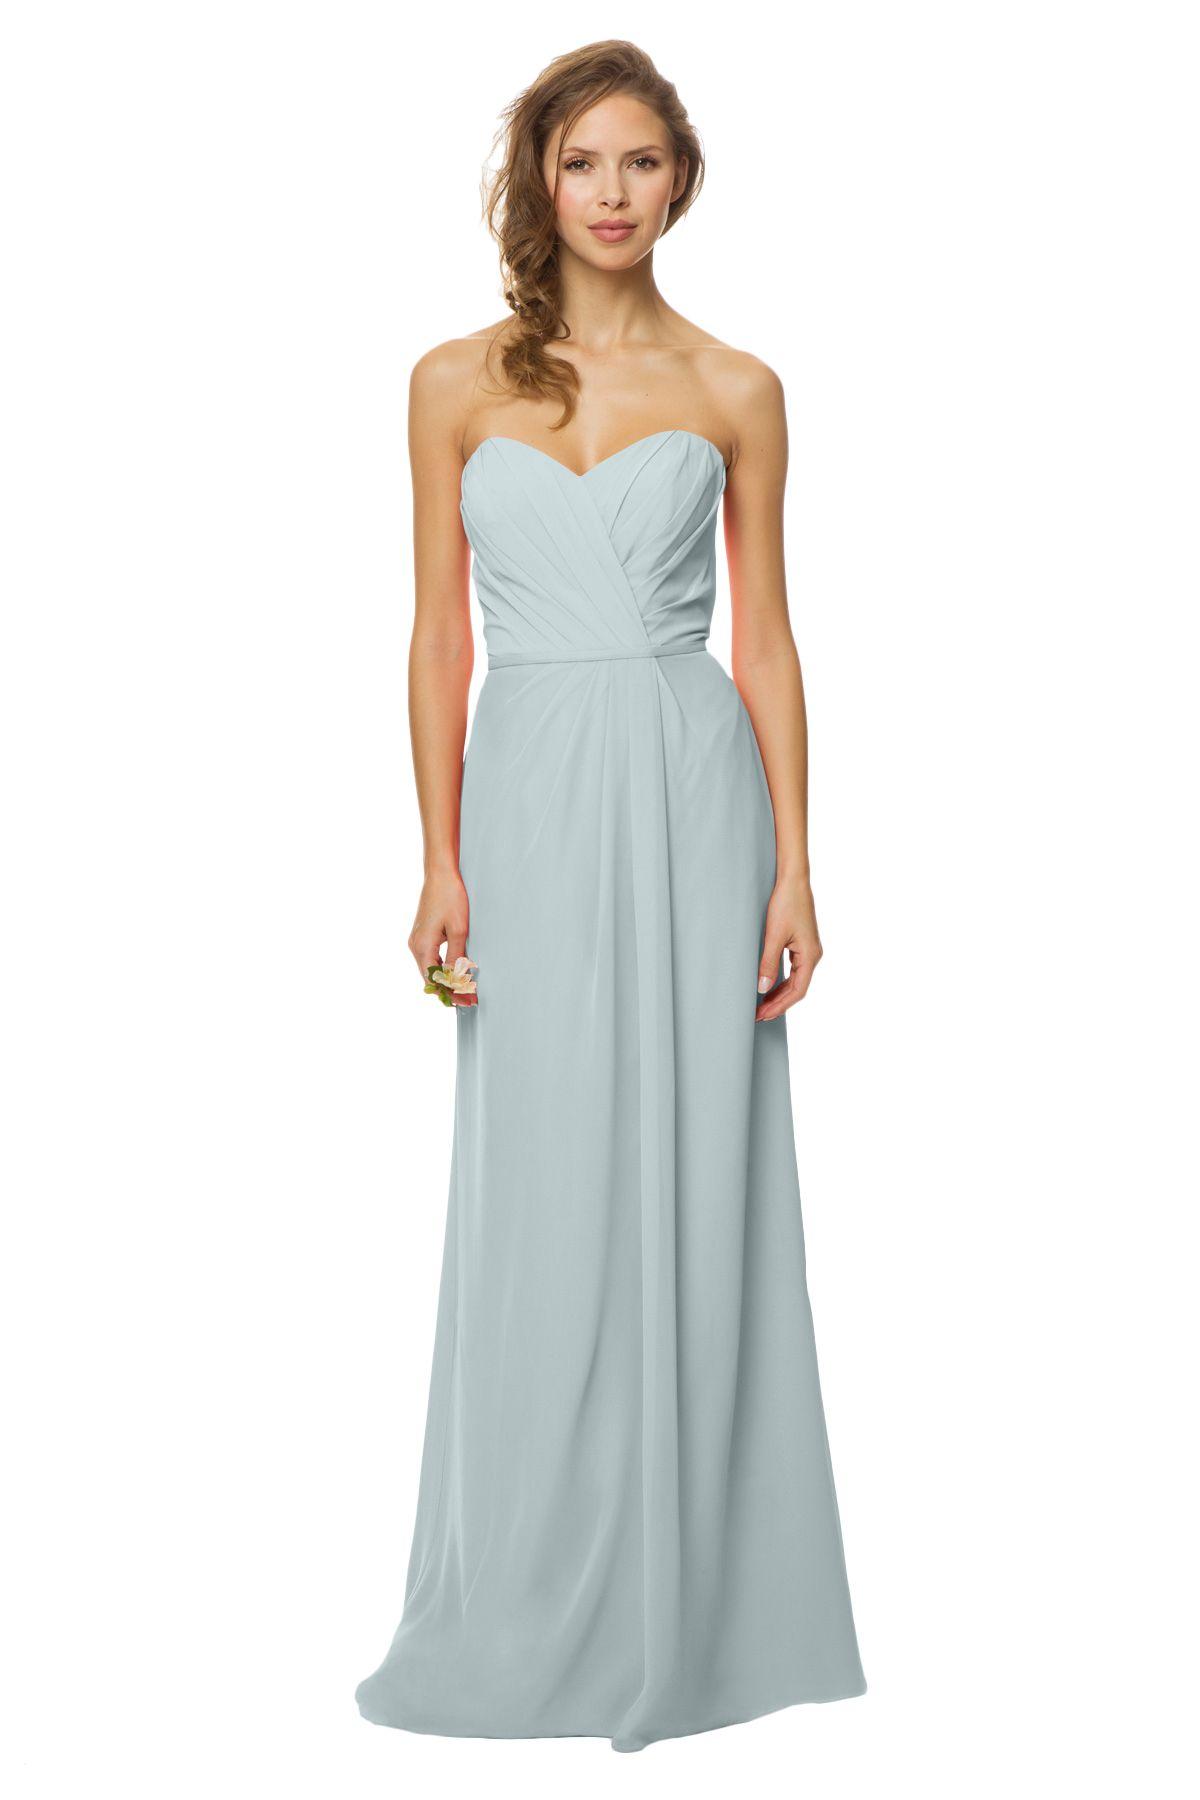 2b84b1ae53ef Shop Bari Jay Bridesmaid Dress - 1450 in Bella Chiffon Misty Blue ...